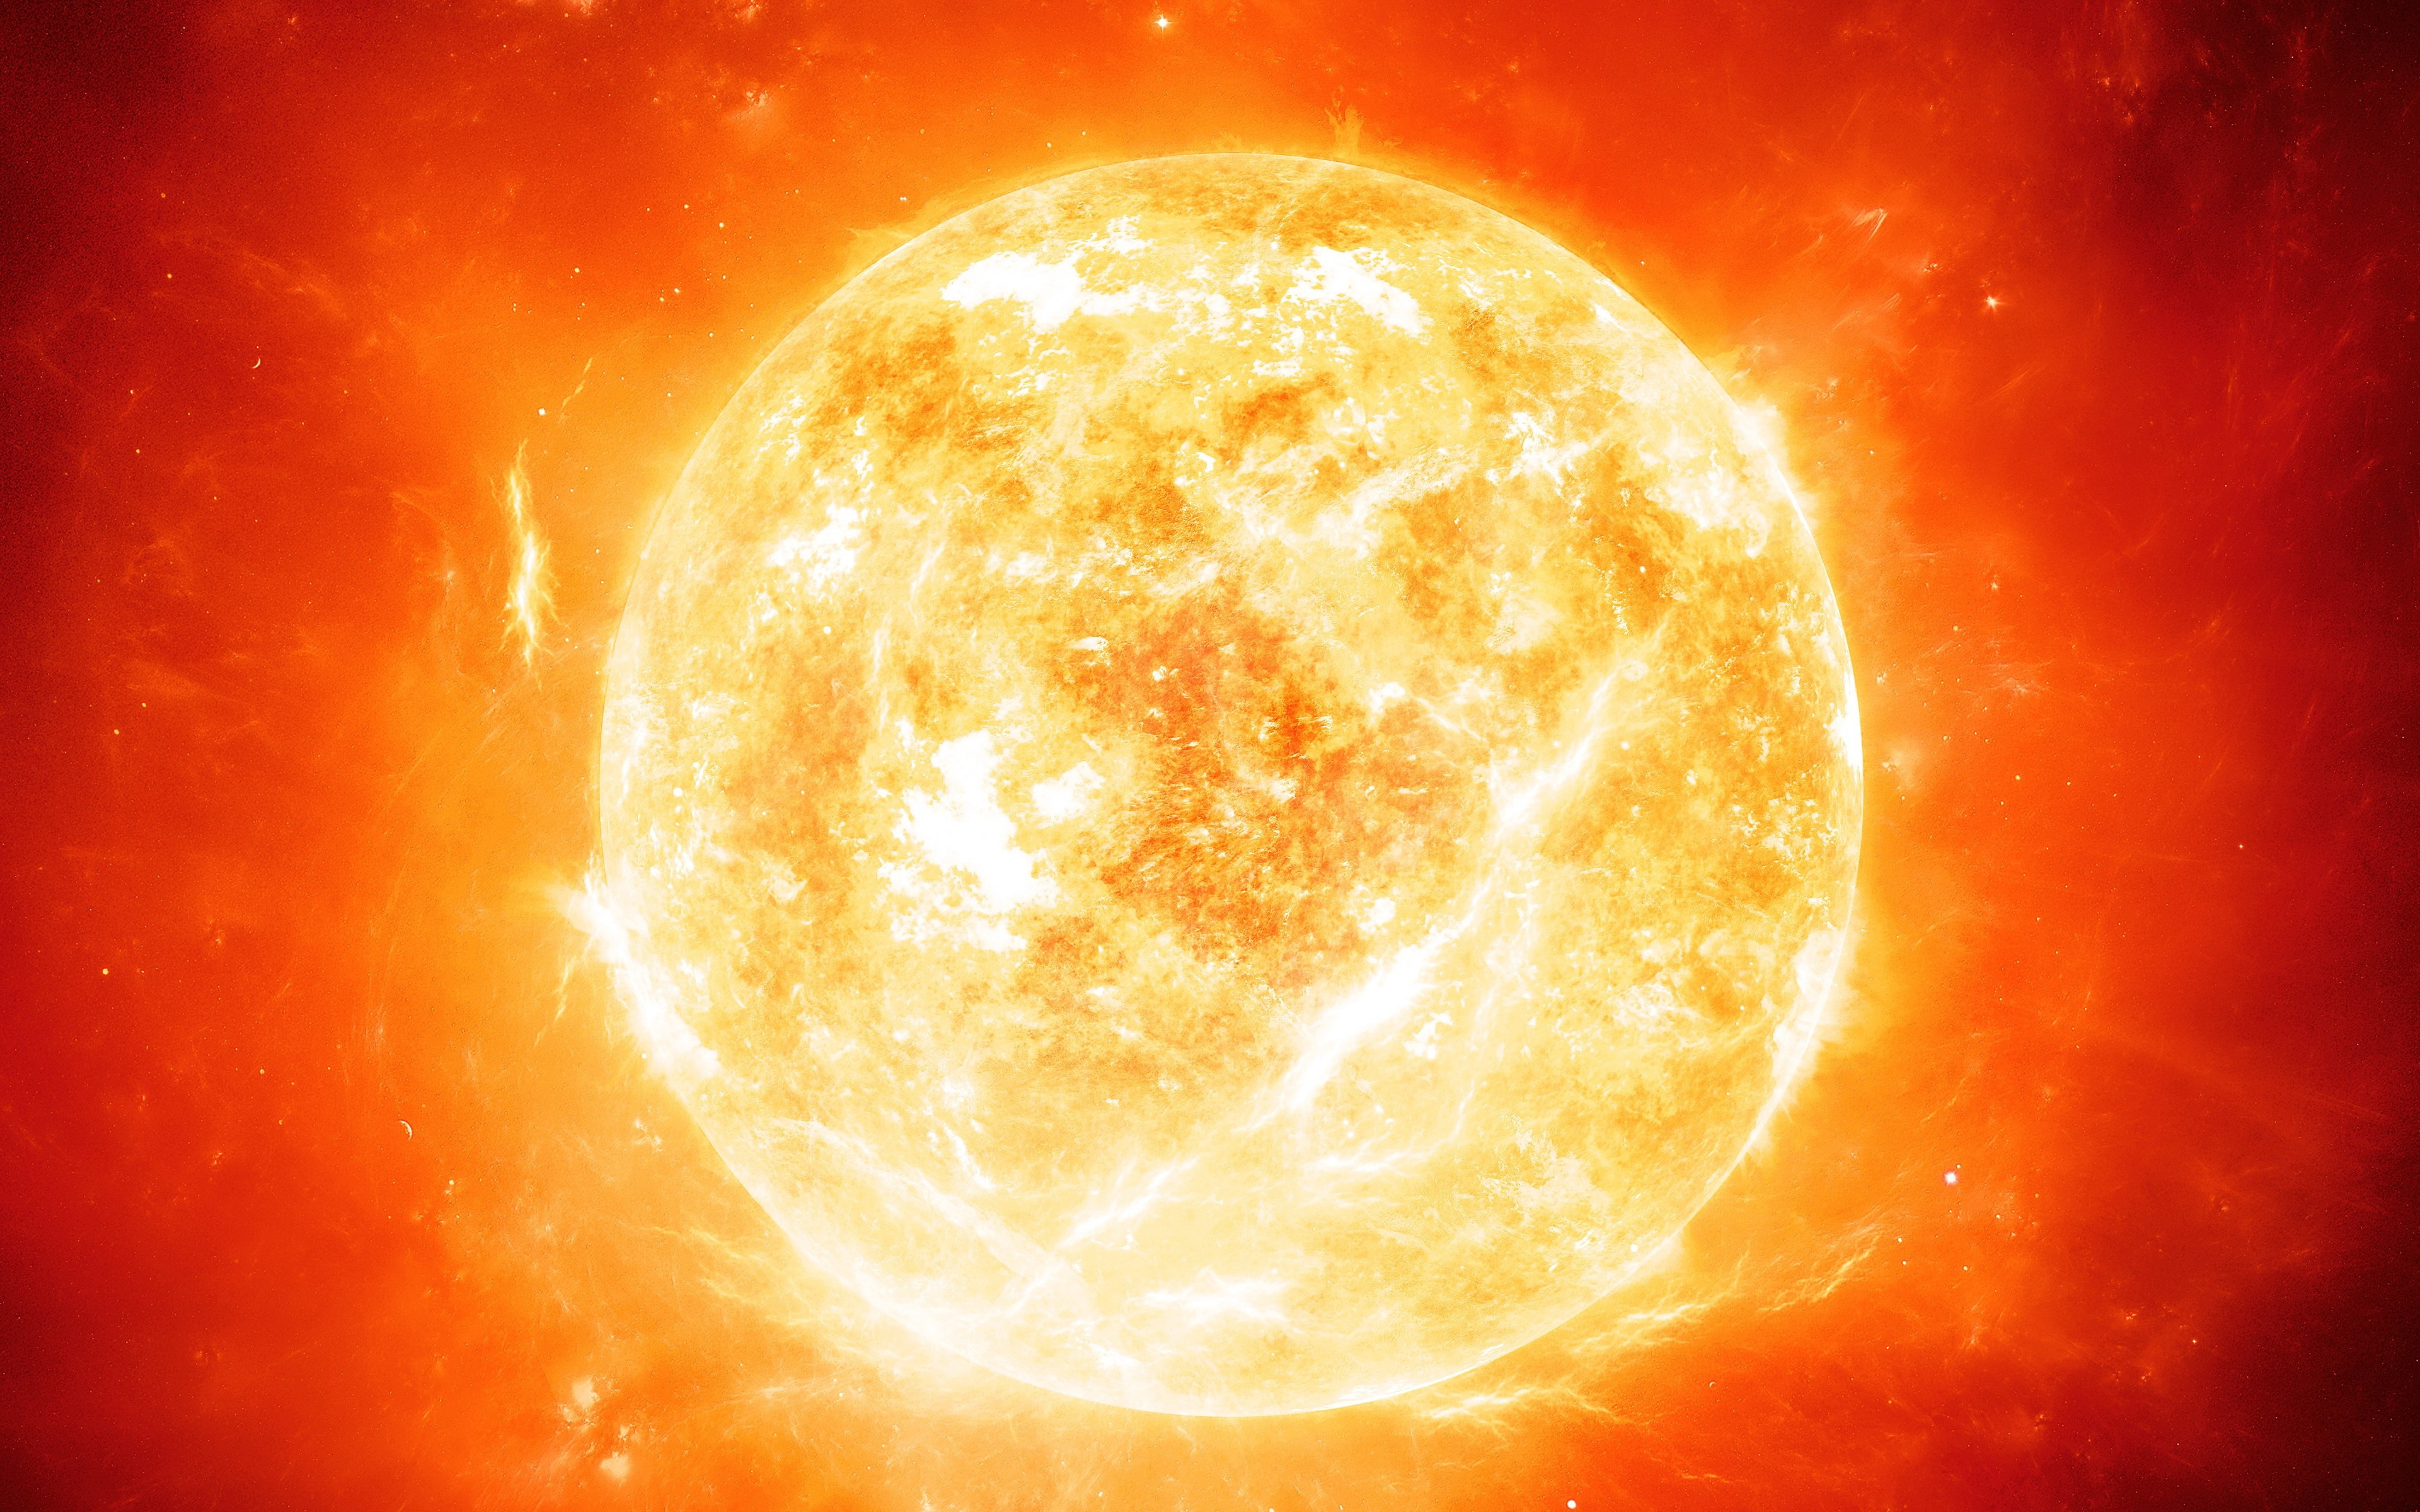 El ciclo solar 25 ya ha dado comienzo